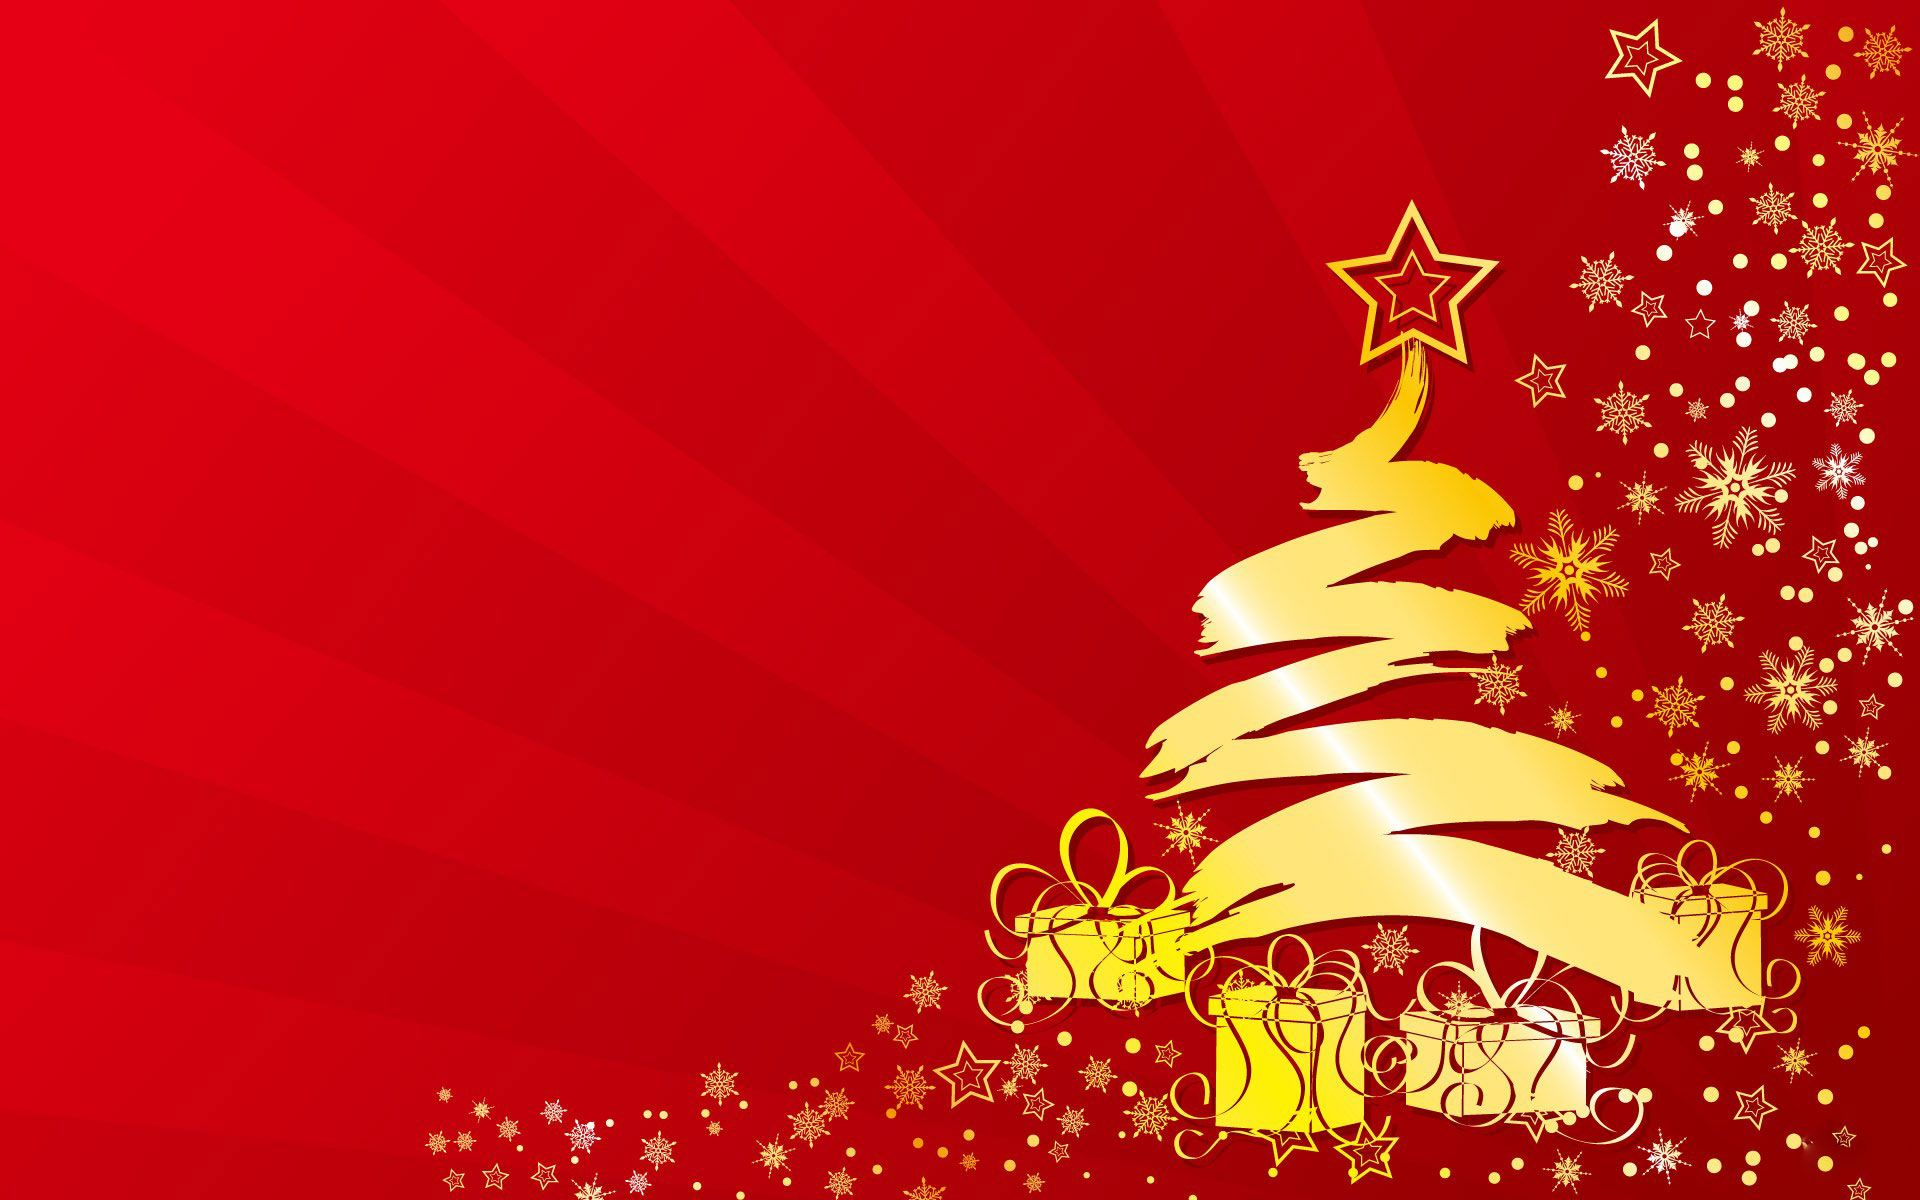 40 Christmas Tree Wallpapers For 2015 Christmas Wallpaper Backgrounds Merry Christmas Wallpaper Christmas Tree Wallpaper